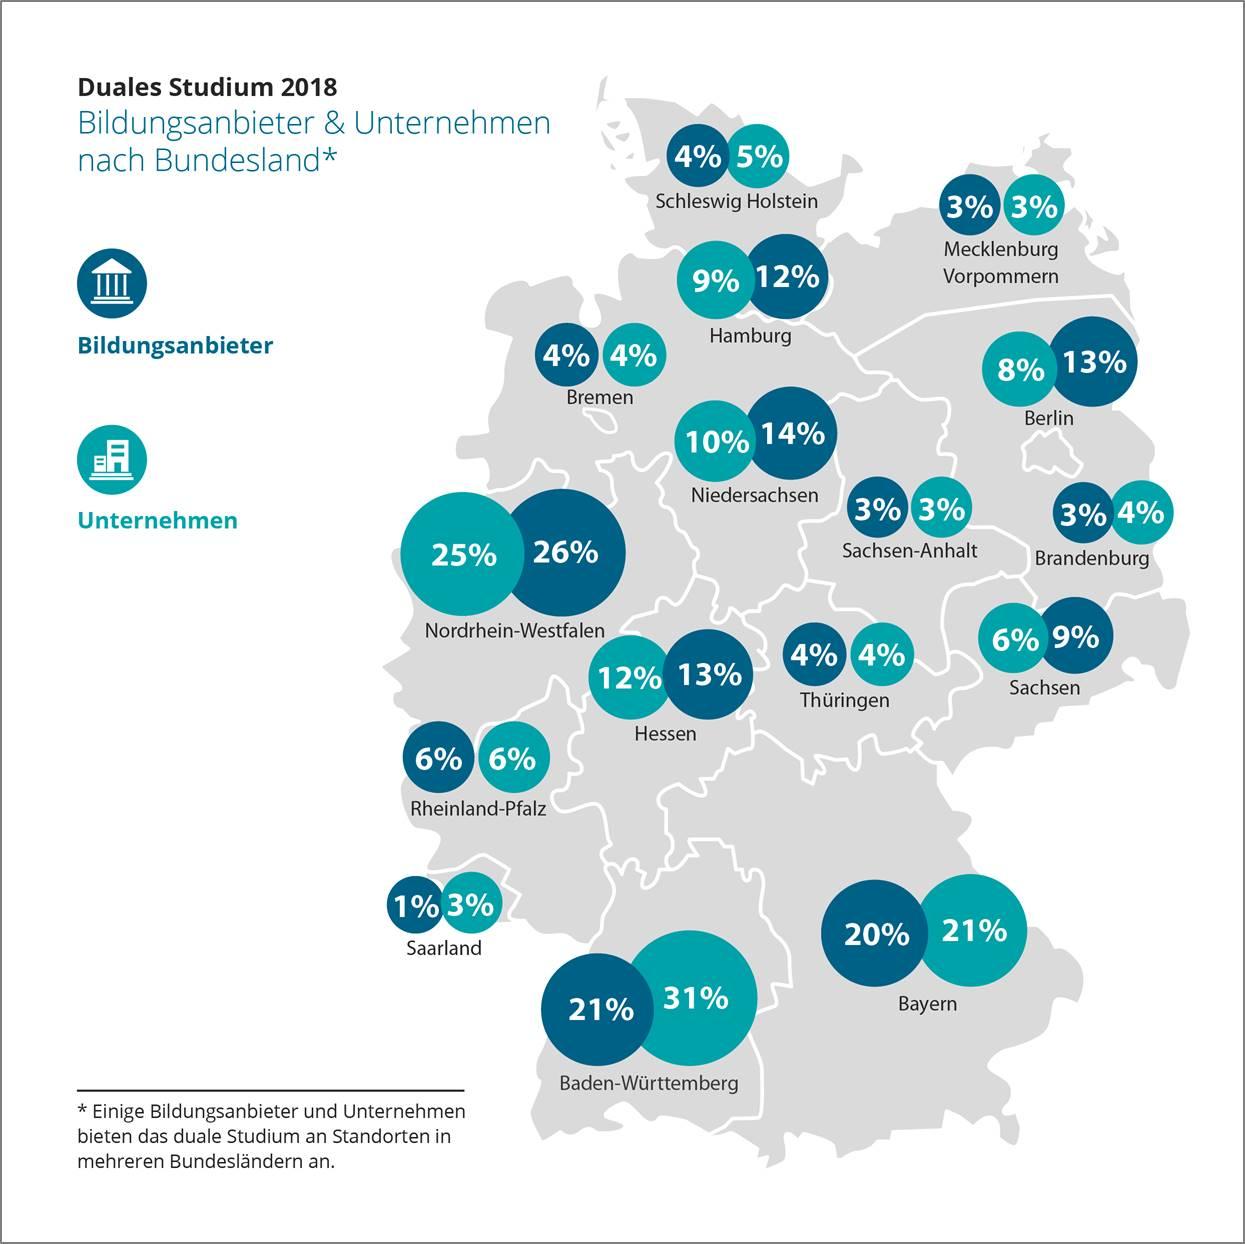 Duales Studium 2018: Wegweiser Duales Studium veröffentlicht branchenübergreifende Statistik zum dualen Studienangebot